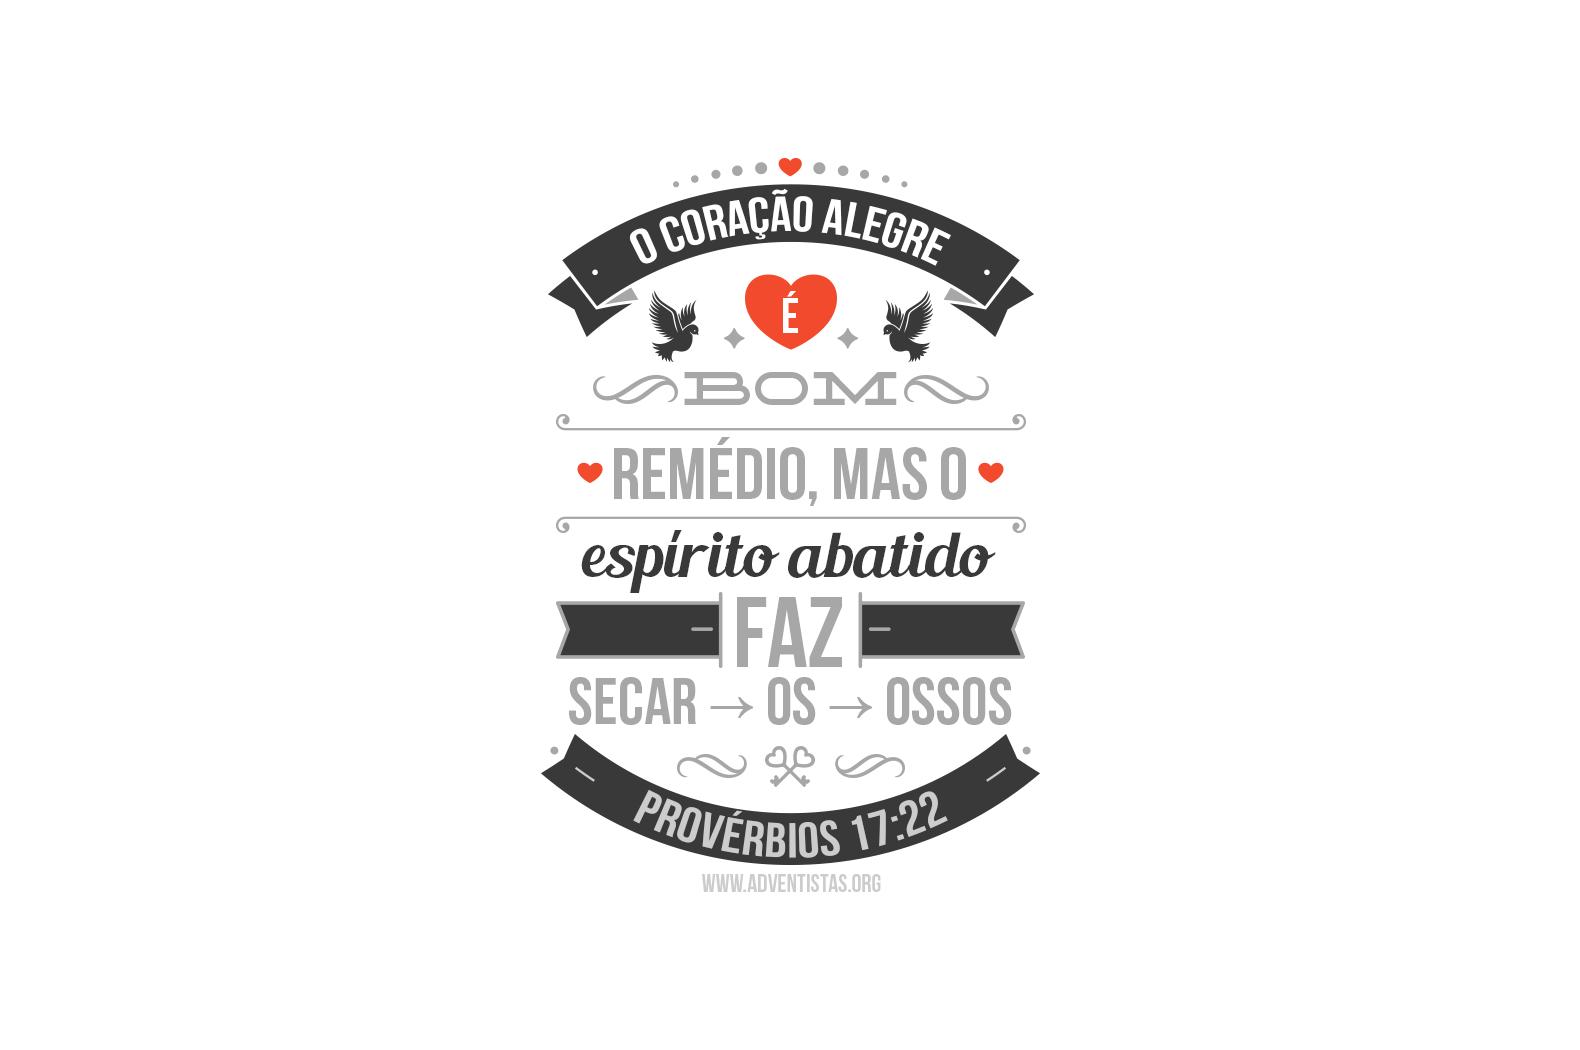 o_coracao-alegre_Proverbios17v22